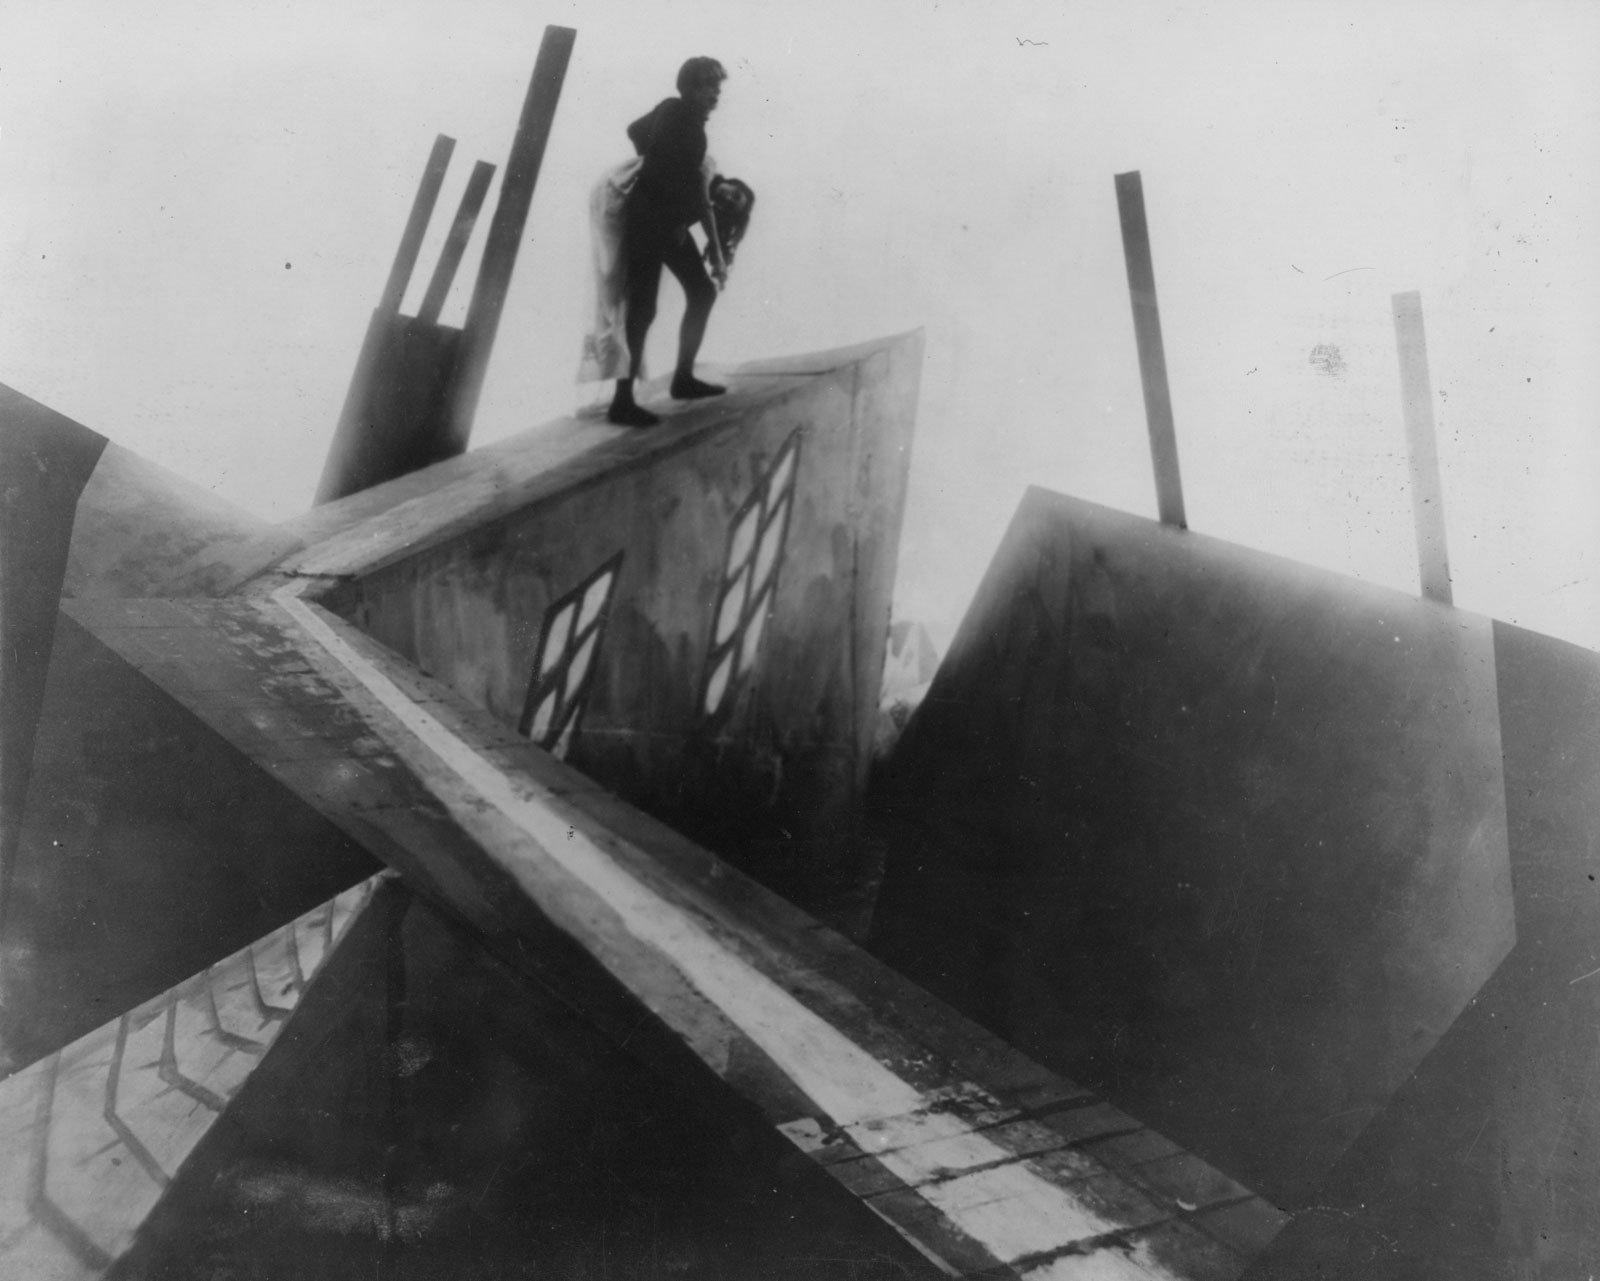 Magistrales fundidos a negro y planos angulados que aprovechará Nosferatu